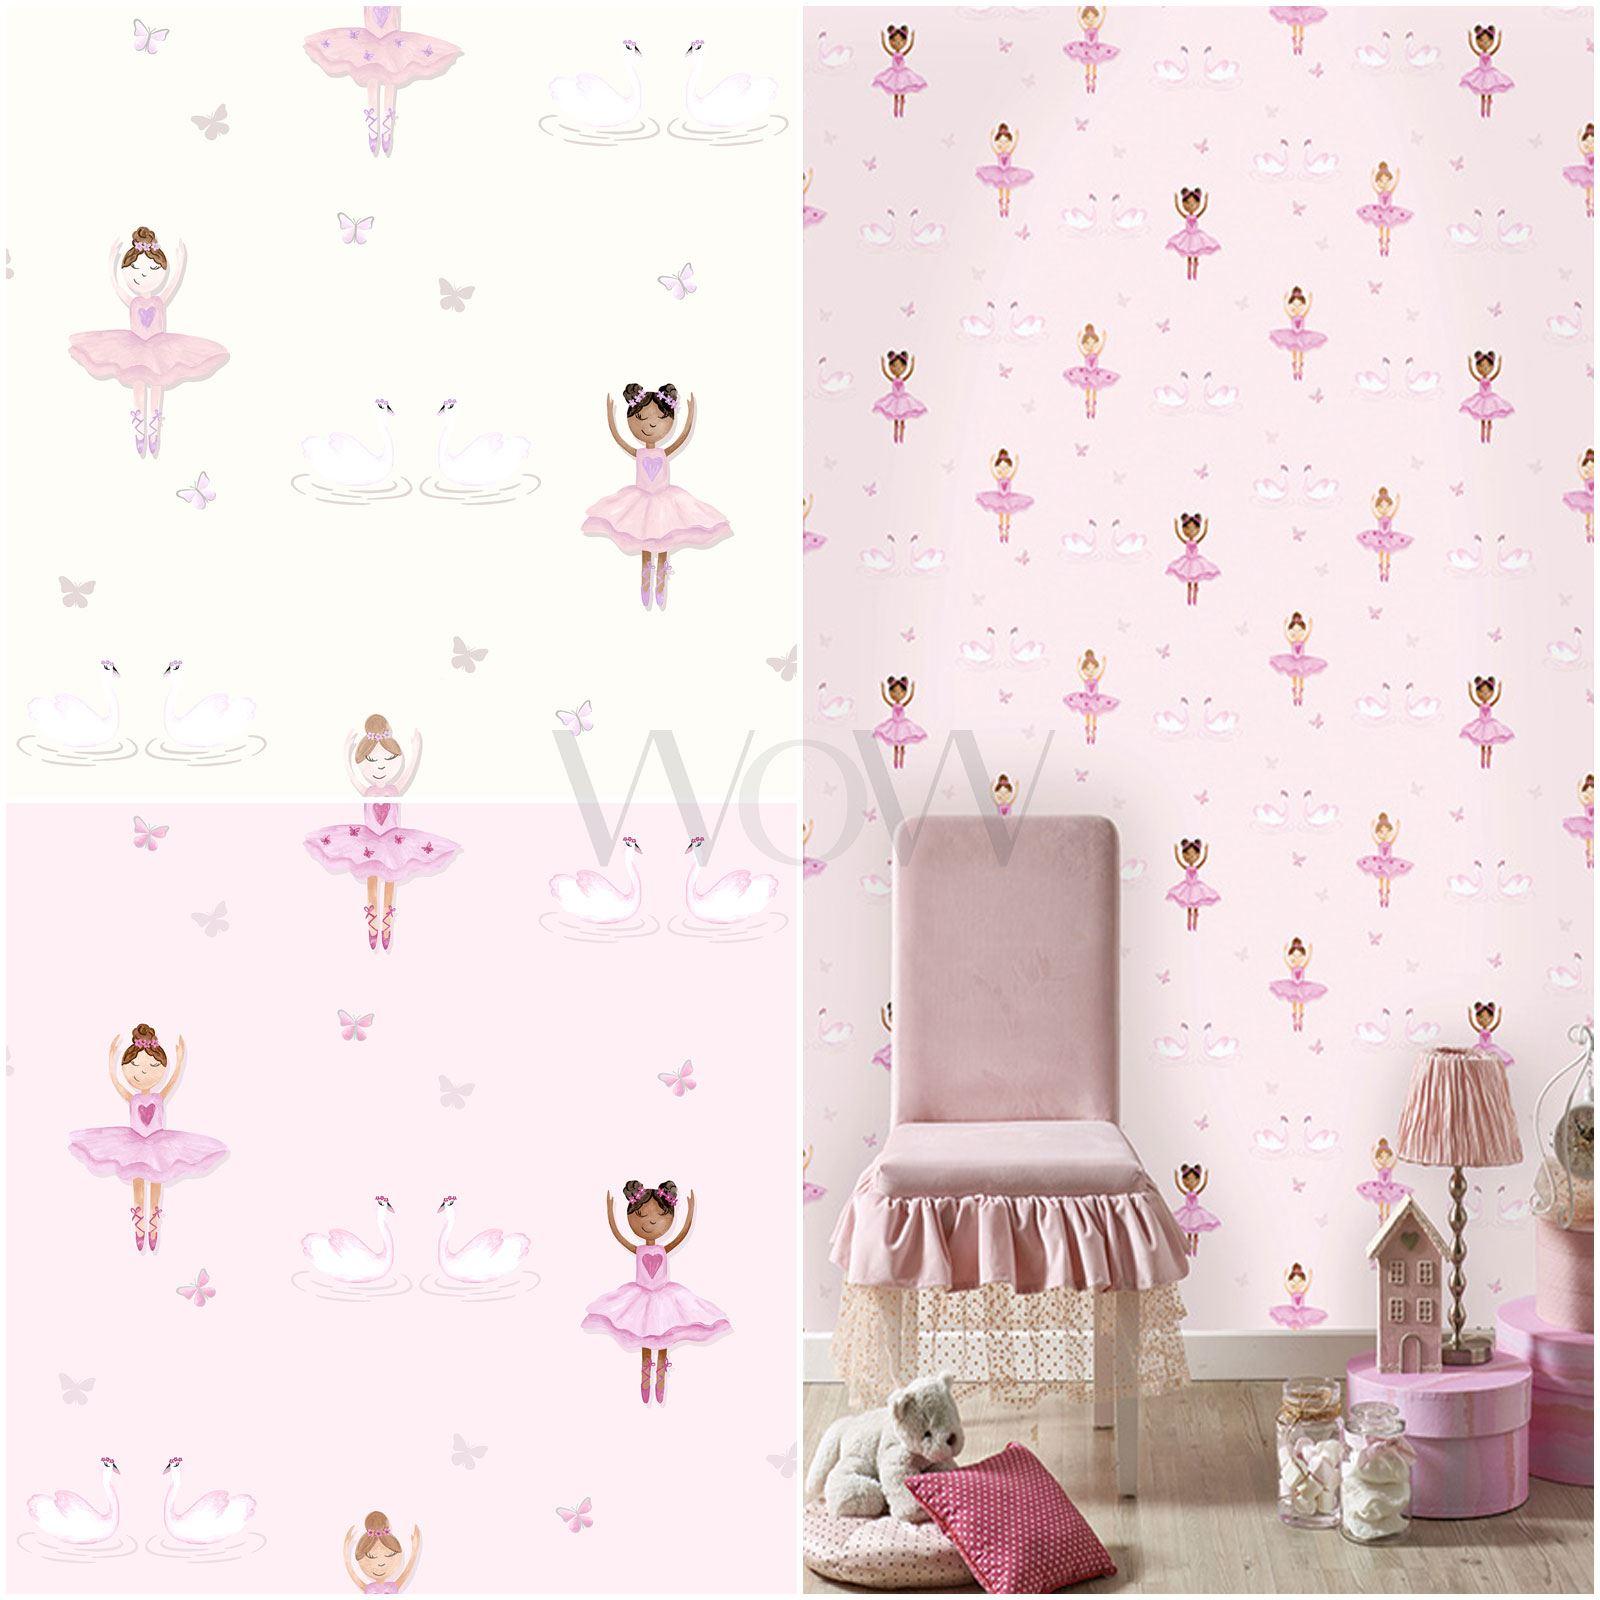 Holden Ballerina Dancer Glitter Wallpaper Kids Girls